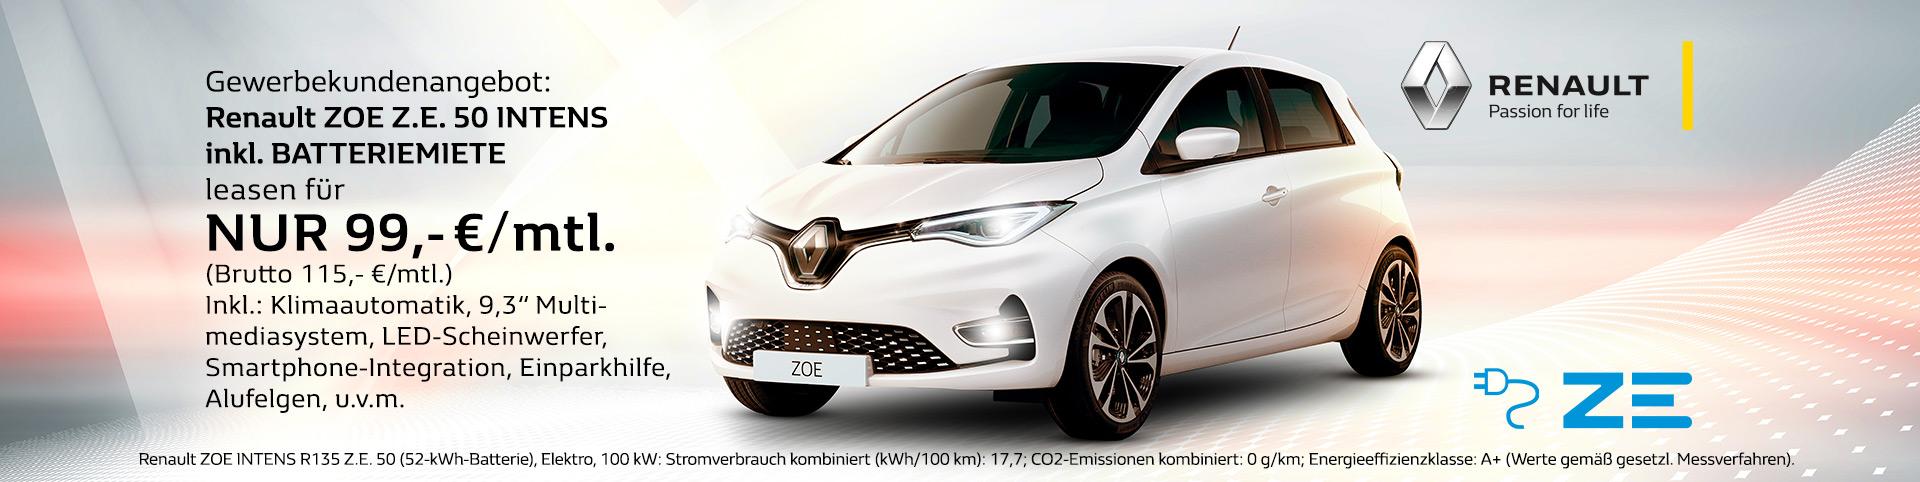 Renault Zoe Gewerbekundenangebot Leasing für 149,- Euro monatlich